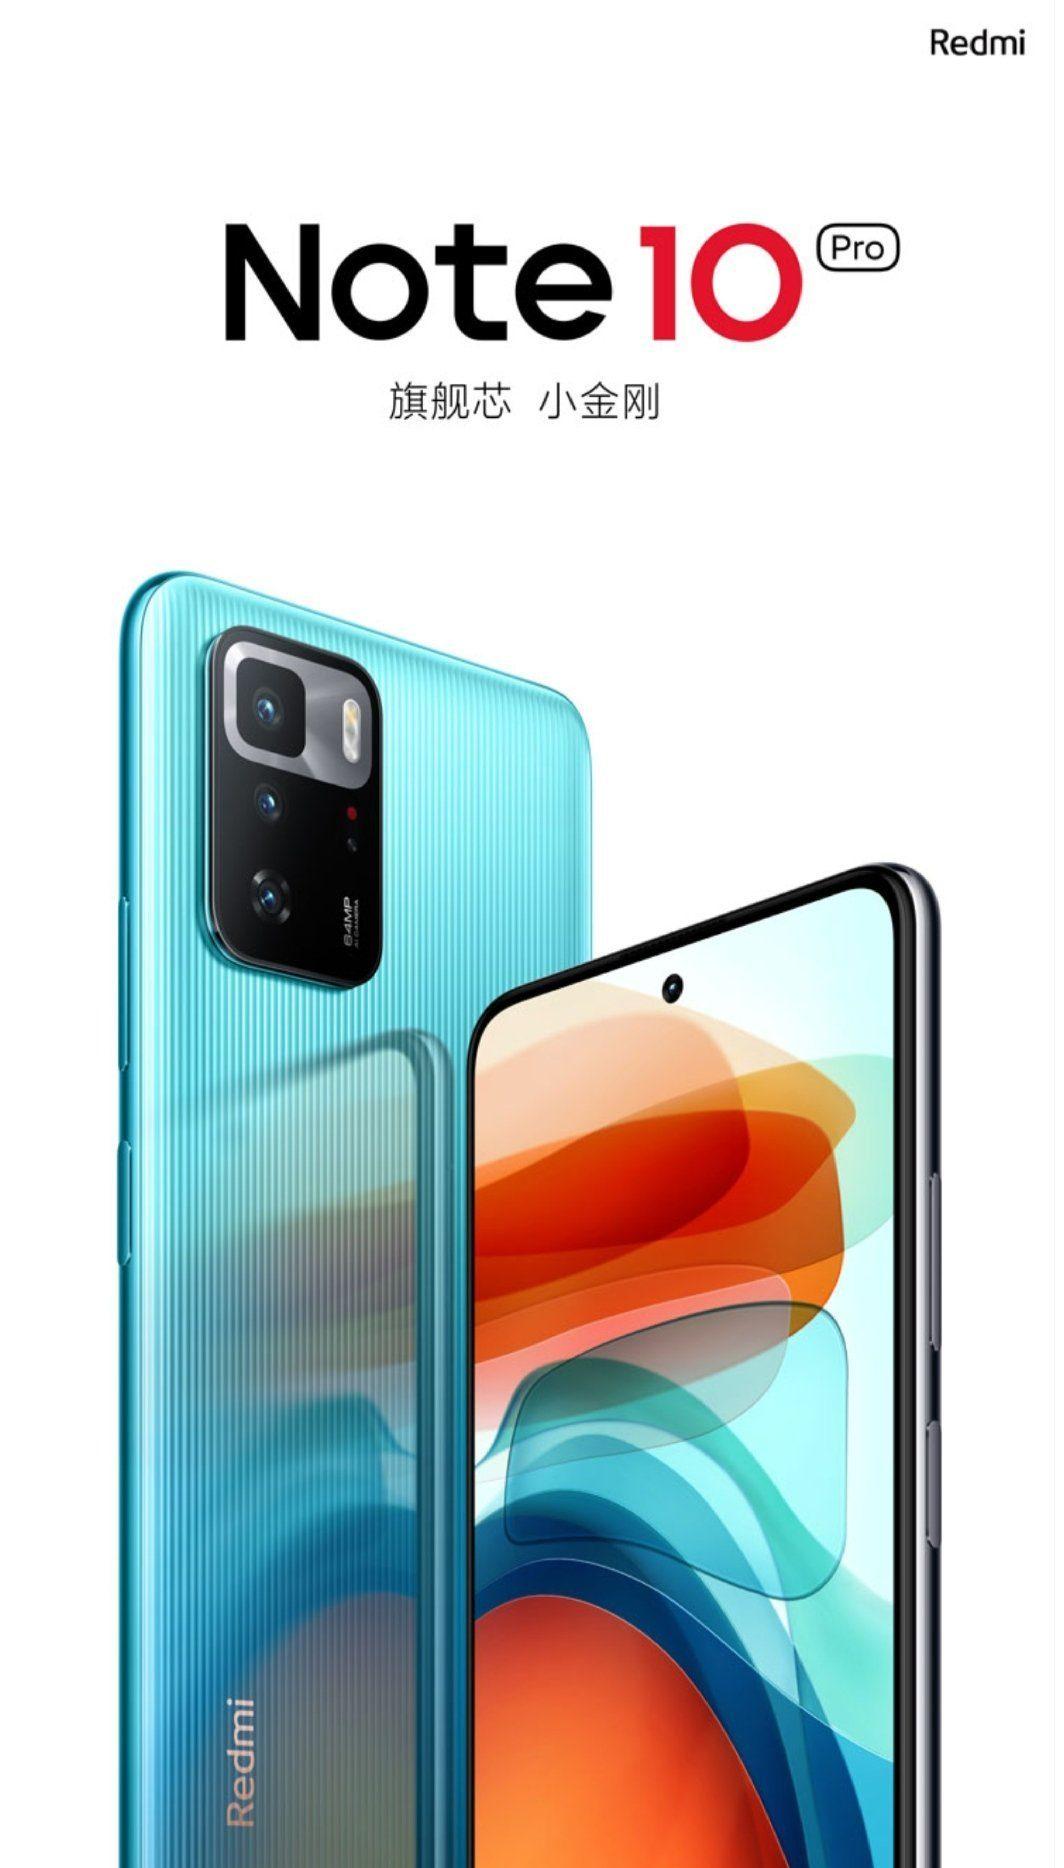 El Redmi Note 10 Pro 5G será muy similar al Redmi Note 10 Ultra. Noticias Xiaomi Adictos